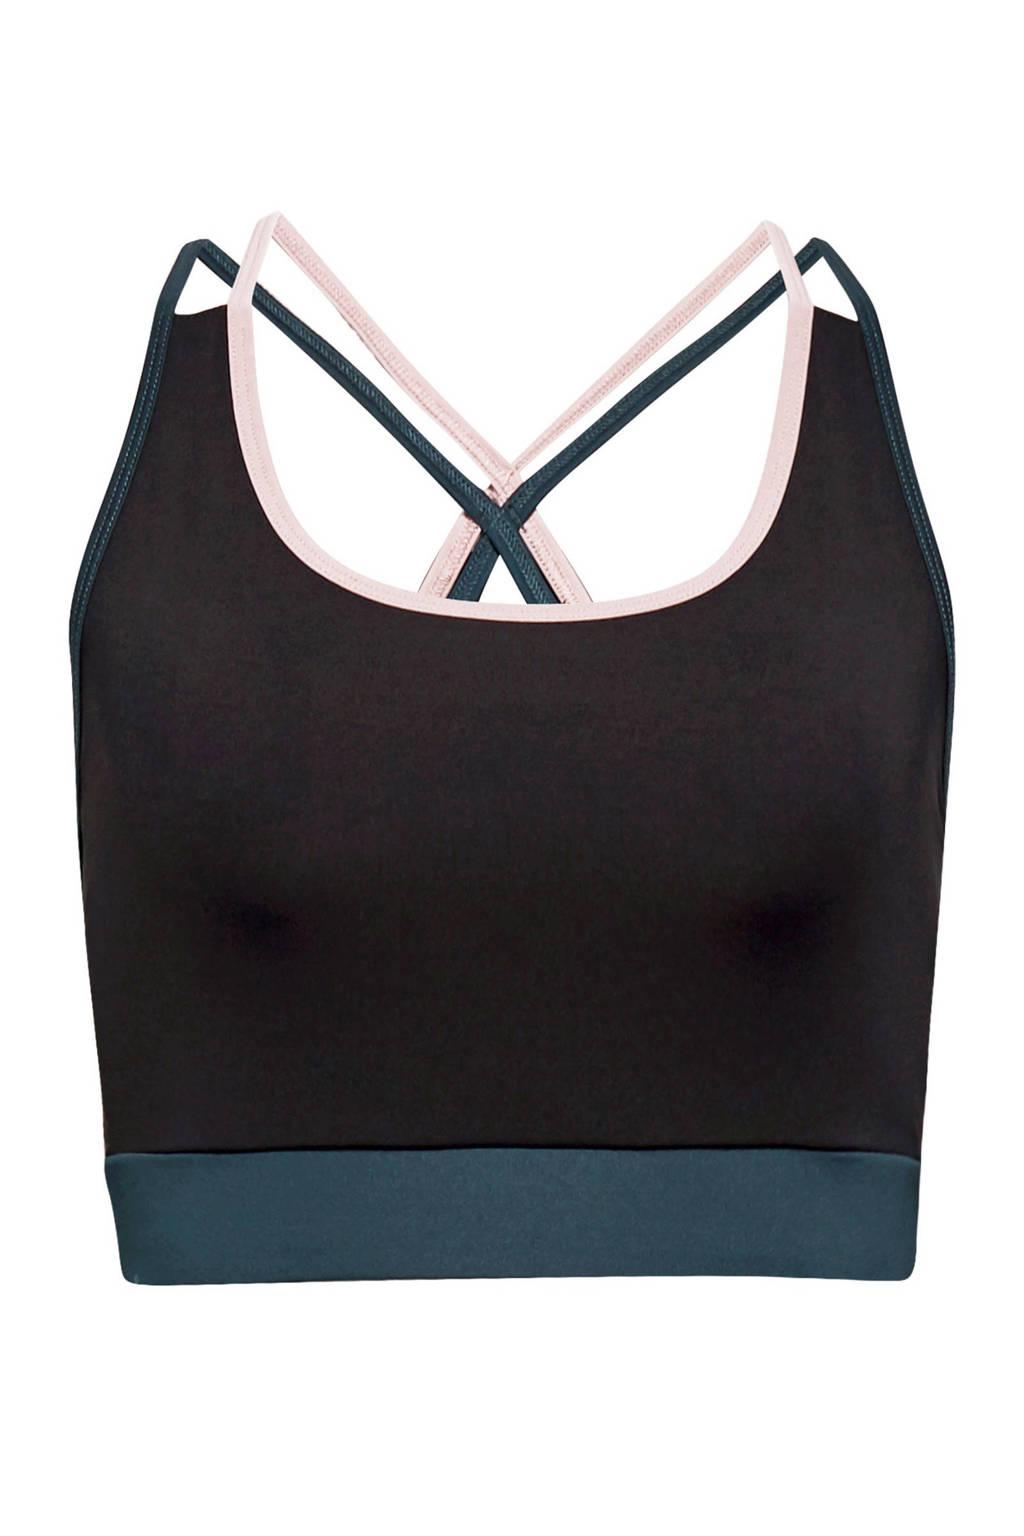 ESPRIT Women Bodywear Level 1 sportBH antraciet, Antraciet/blauw/roze